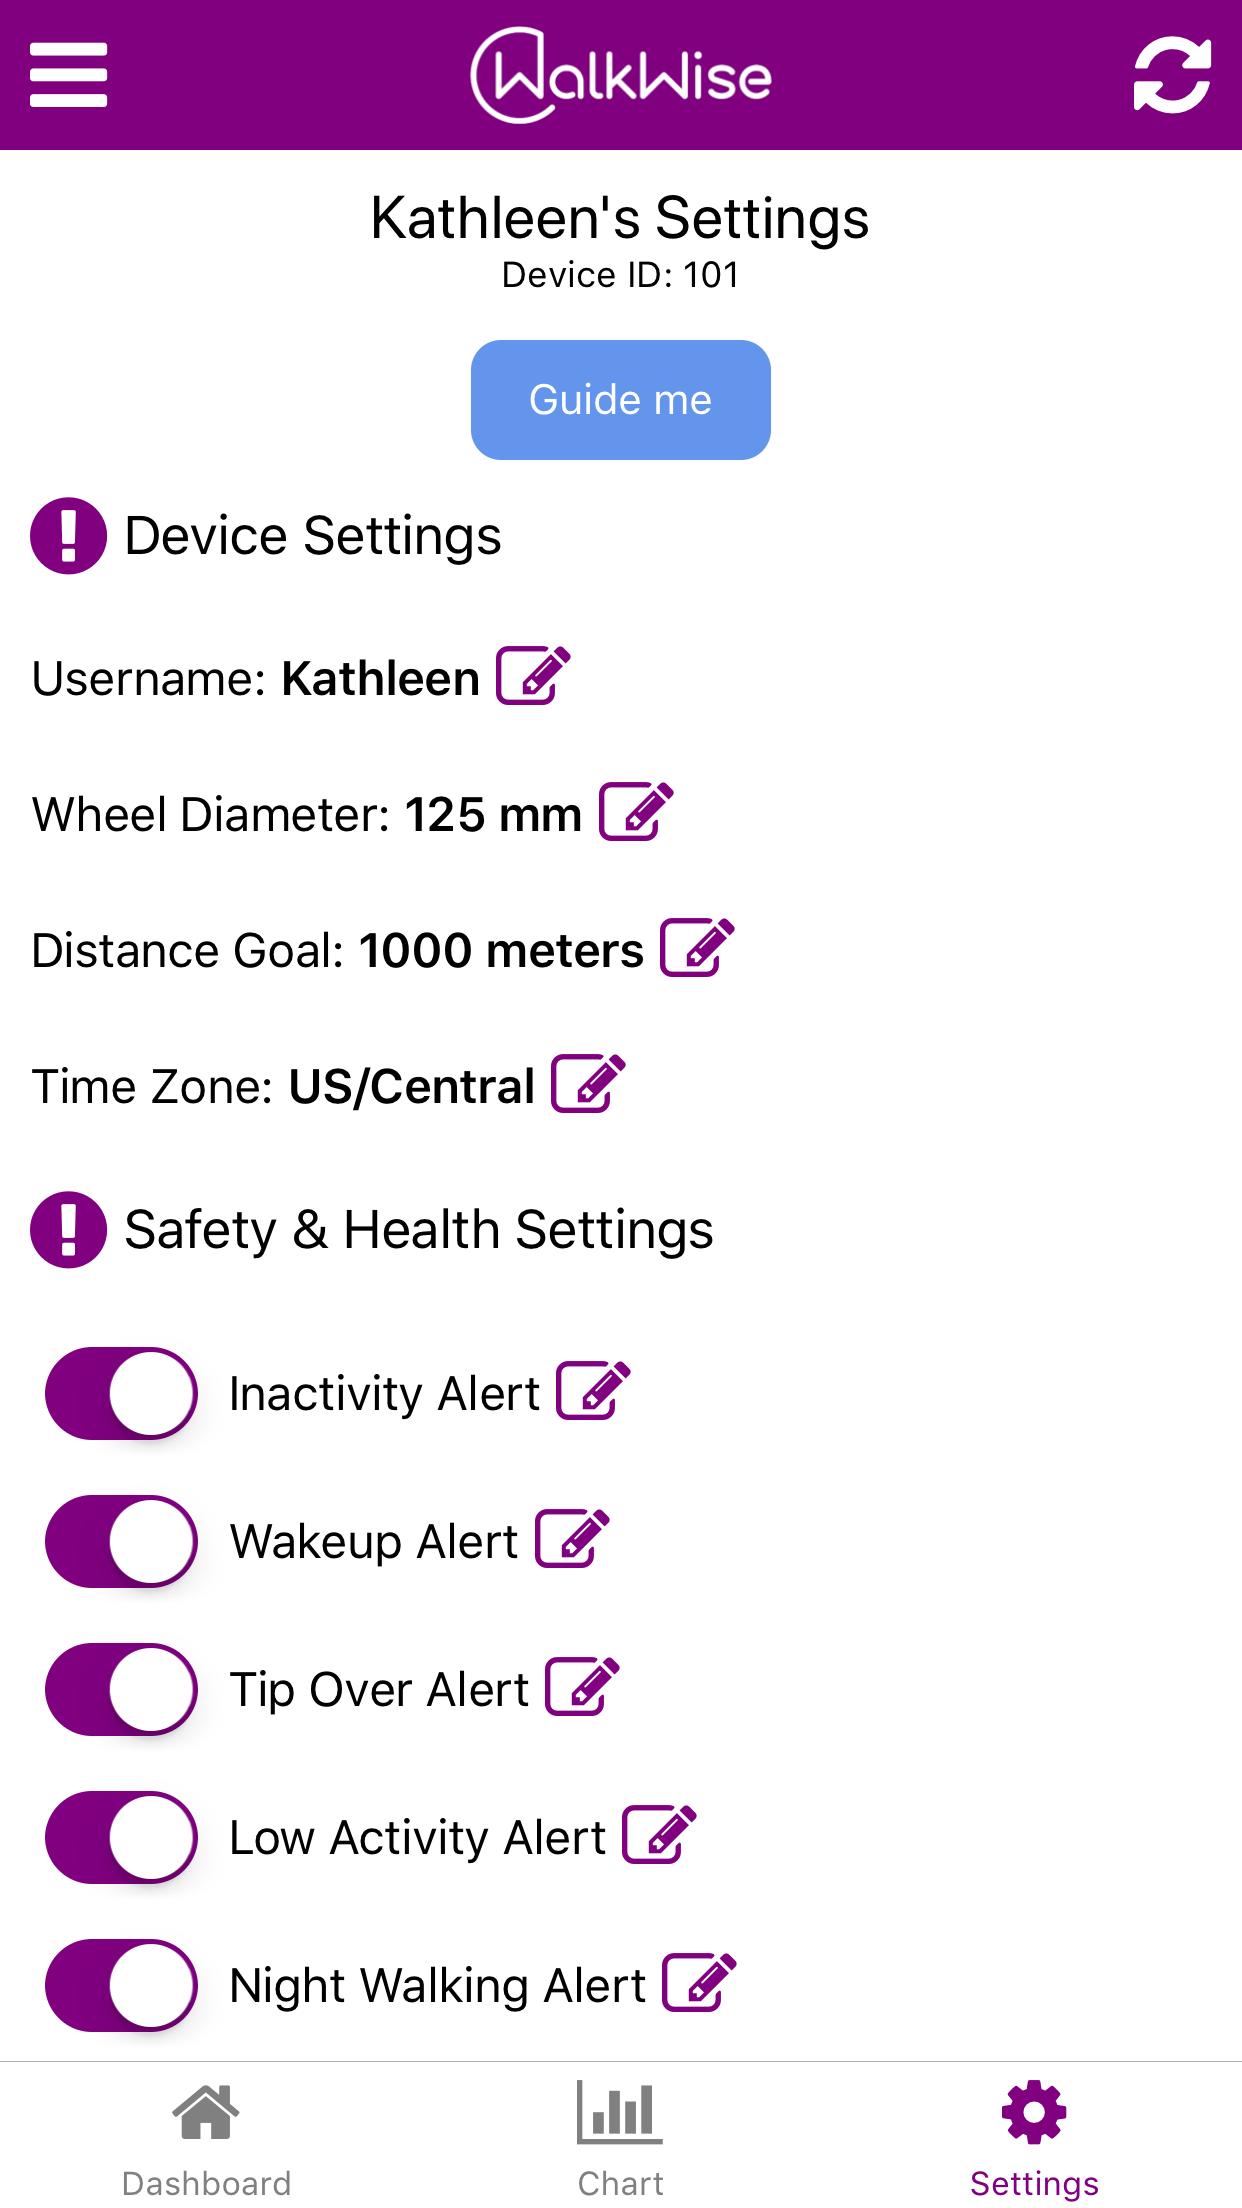 Simulator Screen Shot - iPhone 8 Plus - 2018-10-16 at 12.50.37.png